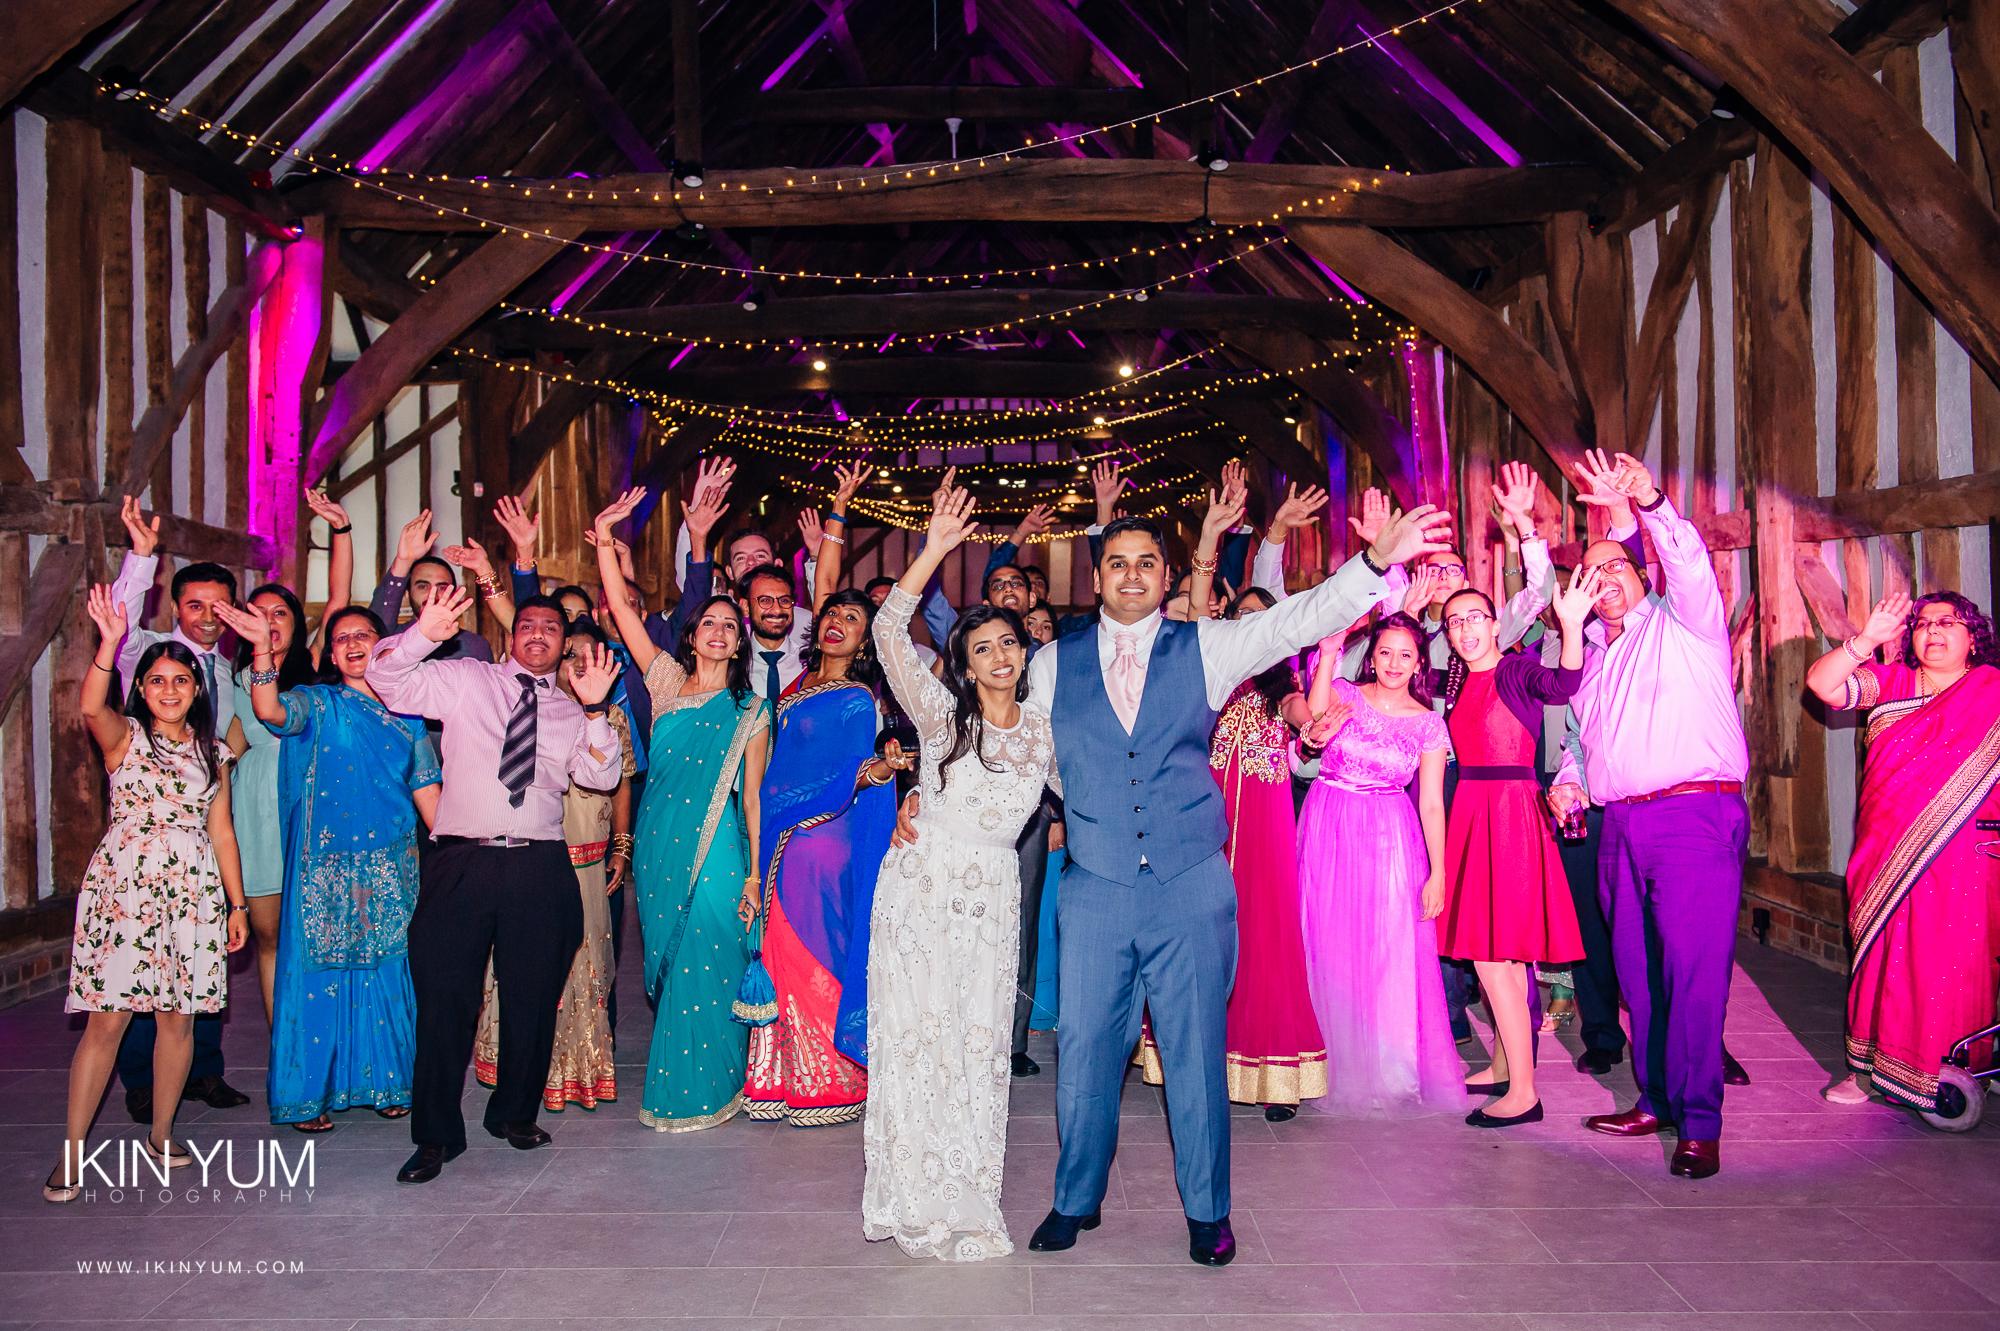 The Great Barn Wedding- Ikin Yum Photography-0116.jpg